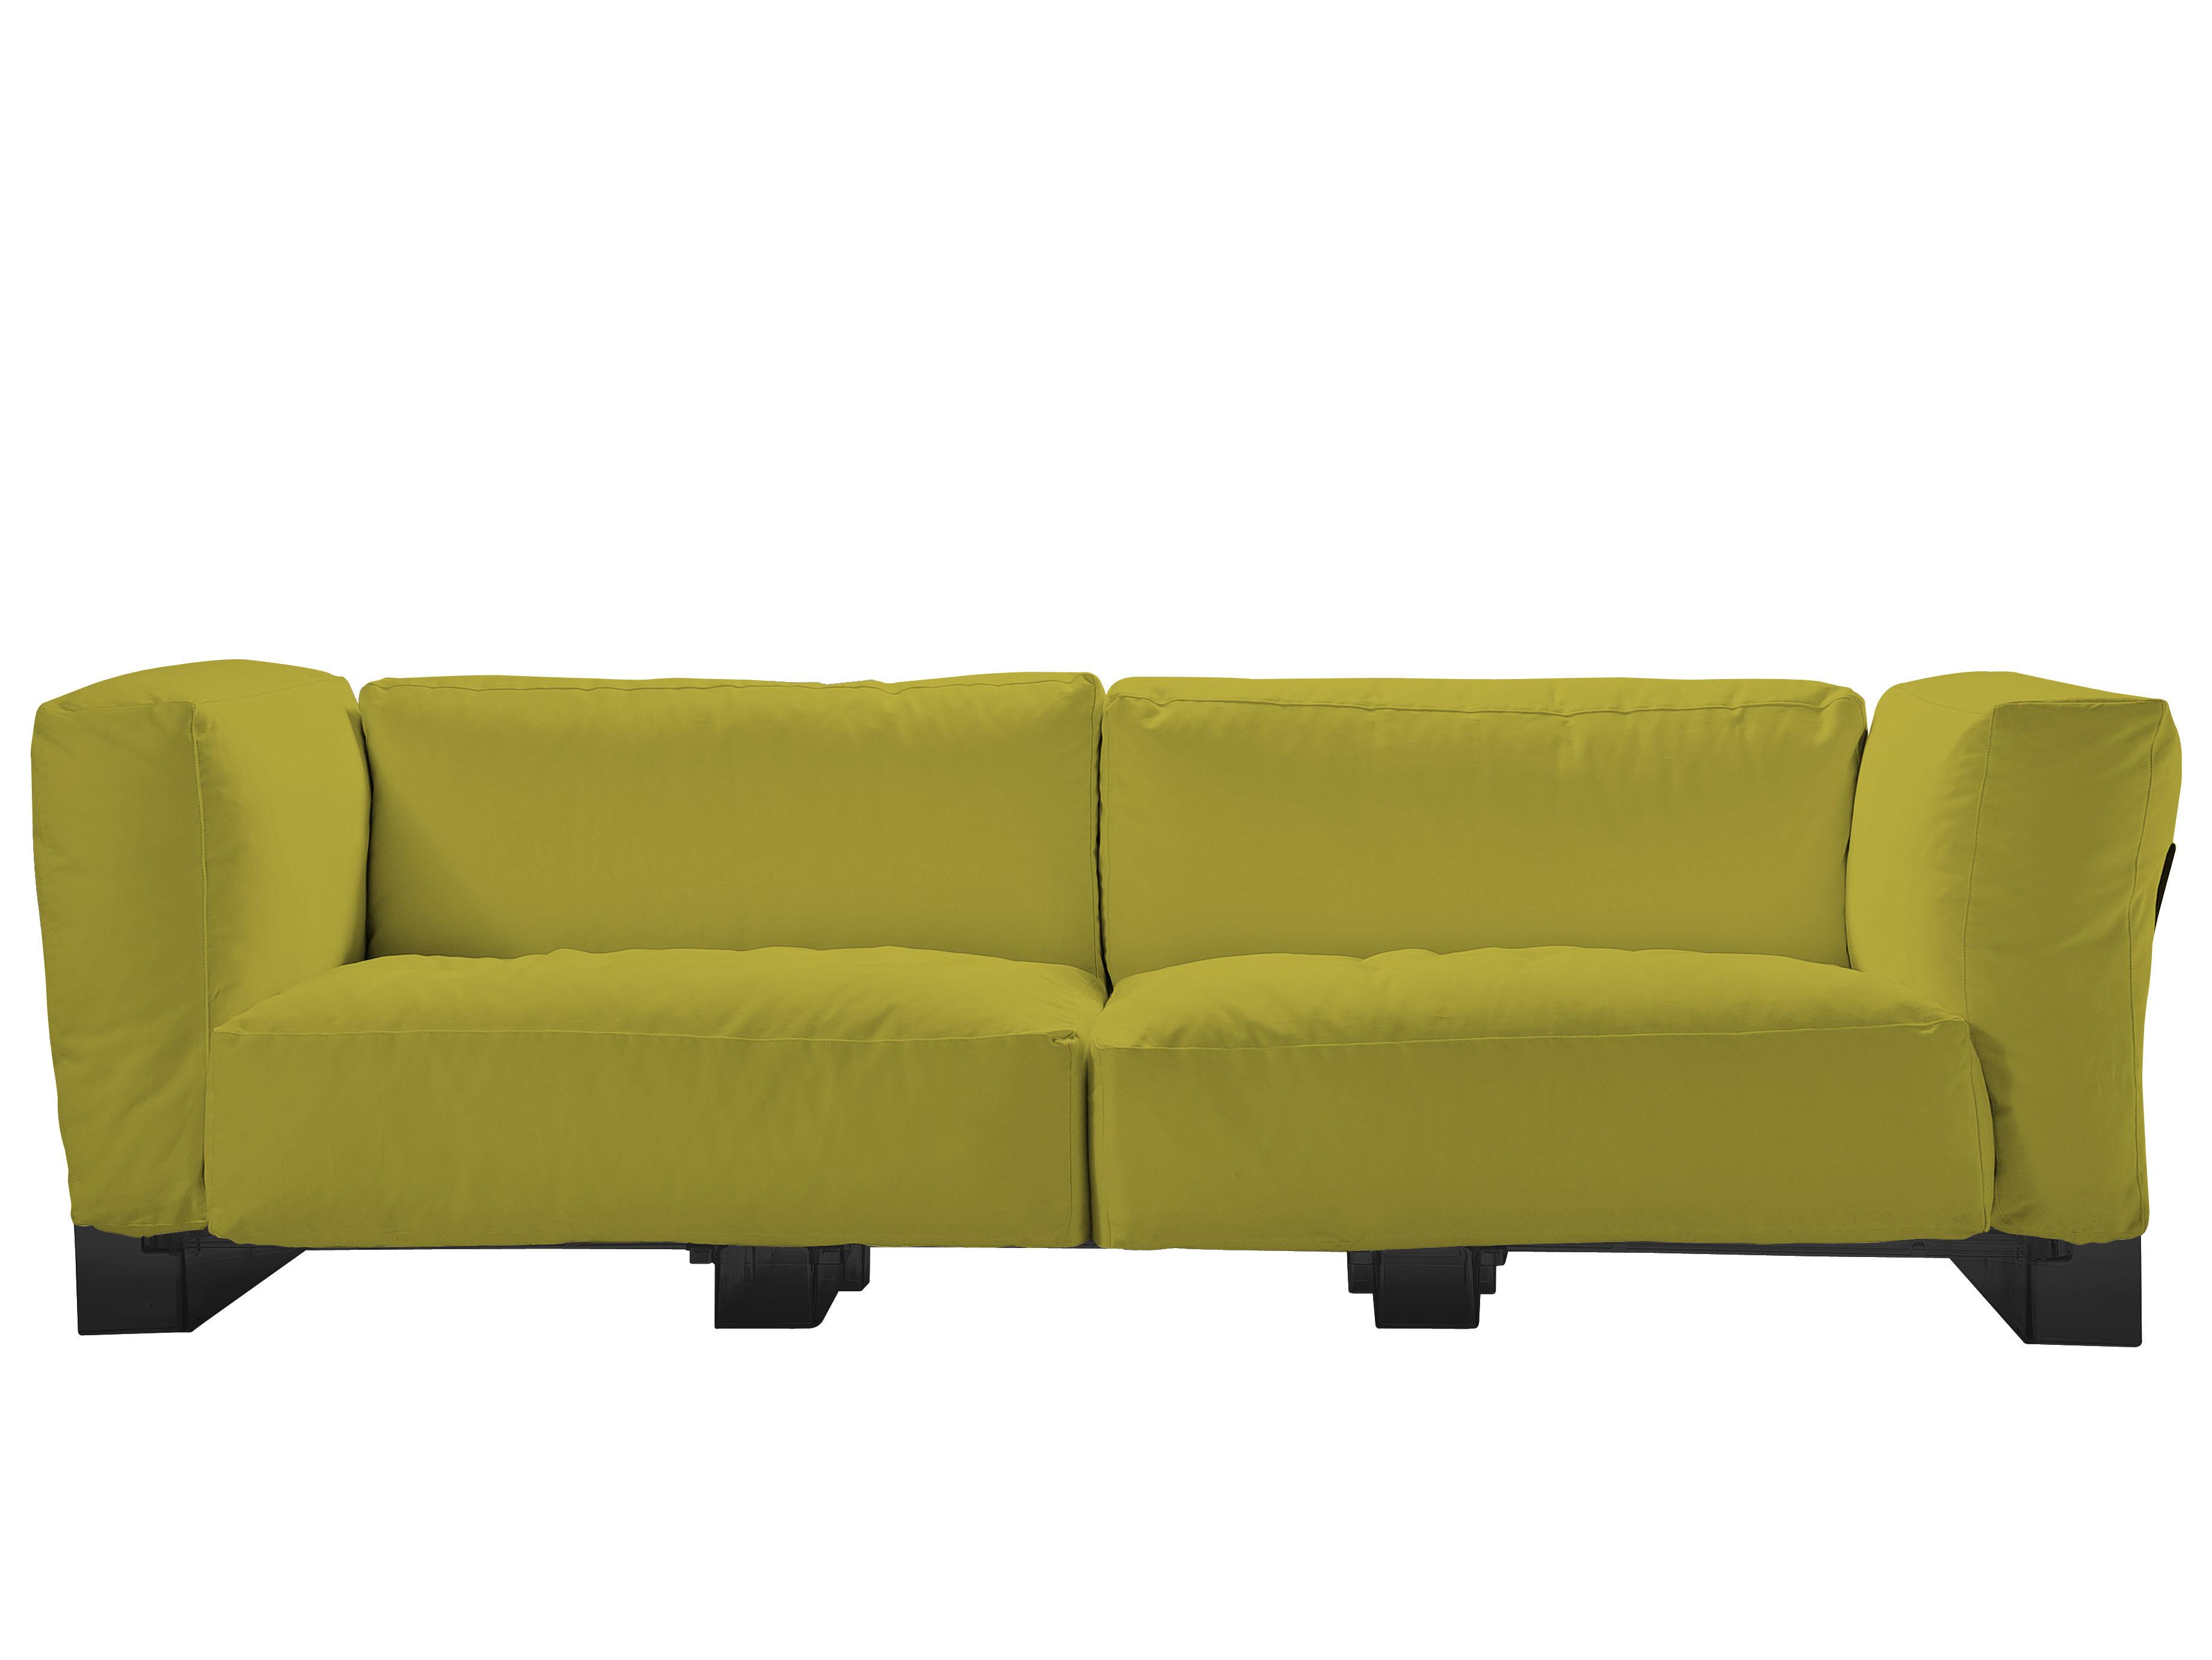 Arredamento - Divani moderni - Divano destro Pop Duo - Struttura nera di Kartell - Verde - policarbonato, Tessuto